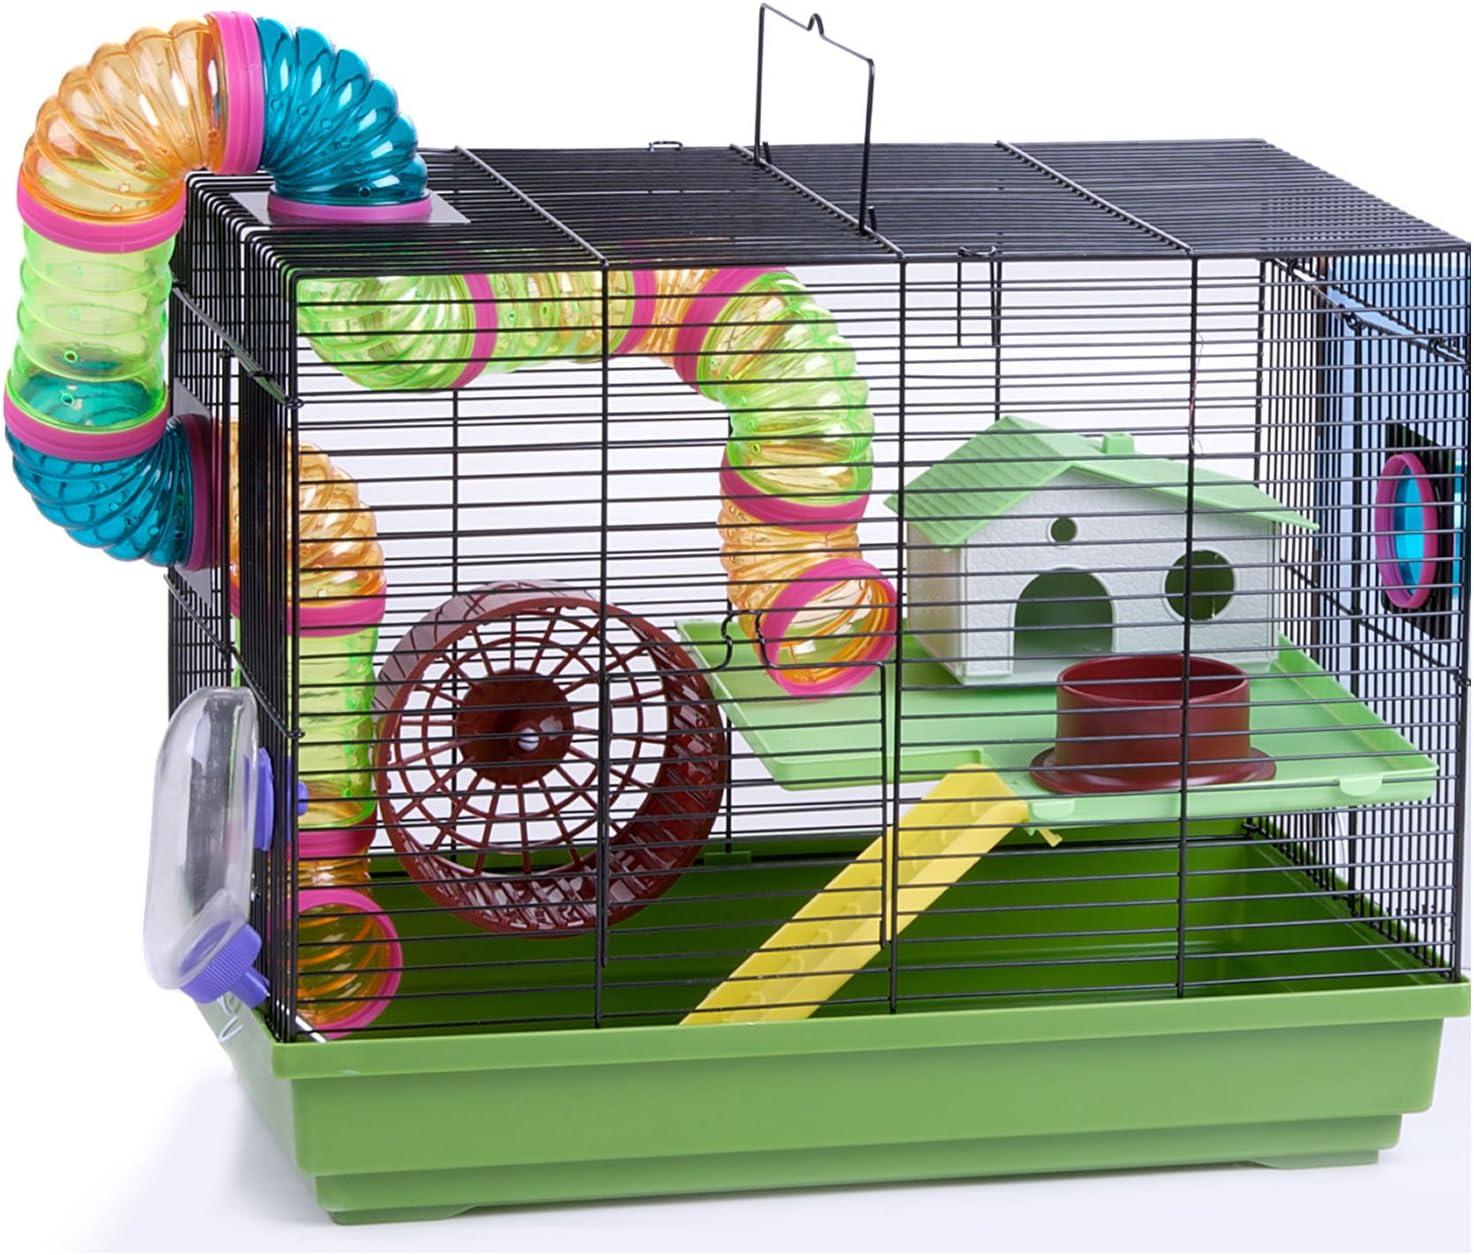 Charlie WorldStores – hámster Jaula Interior Alimentos Plato Escalera Tubos Nuevo: Amazon.es: Productos para mascotas